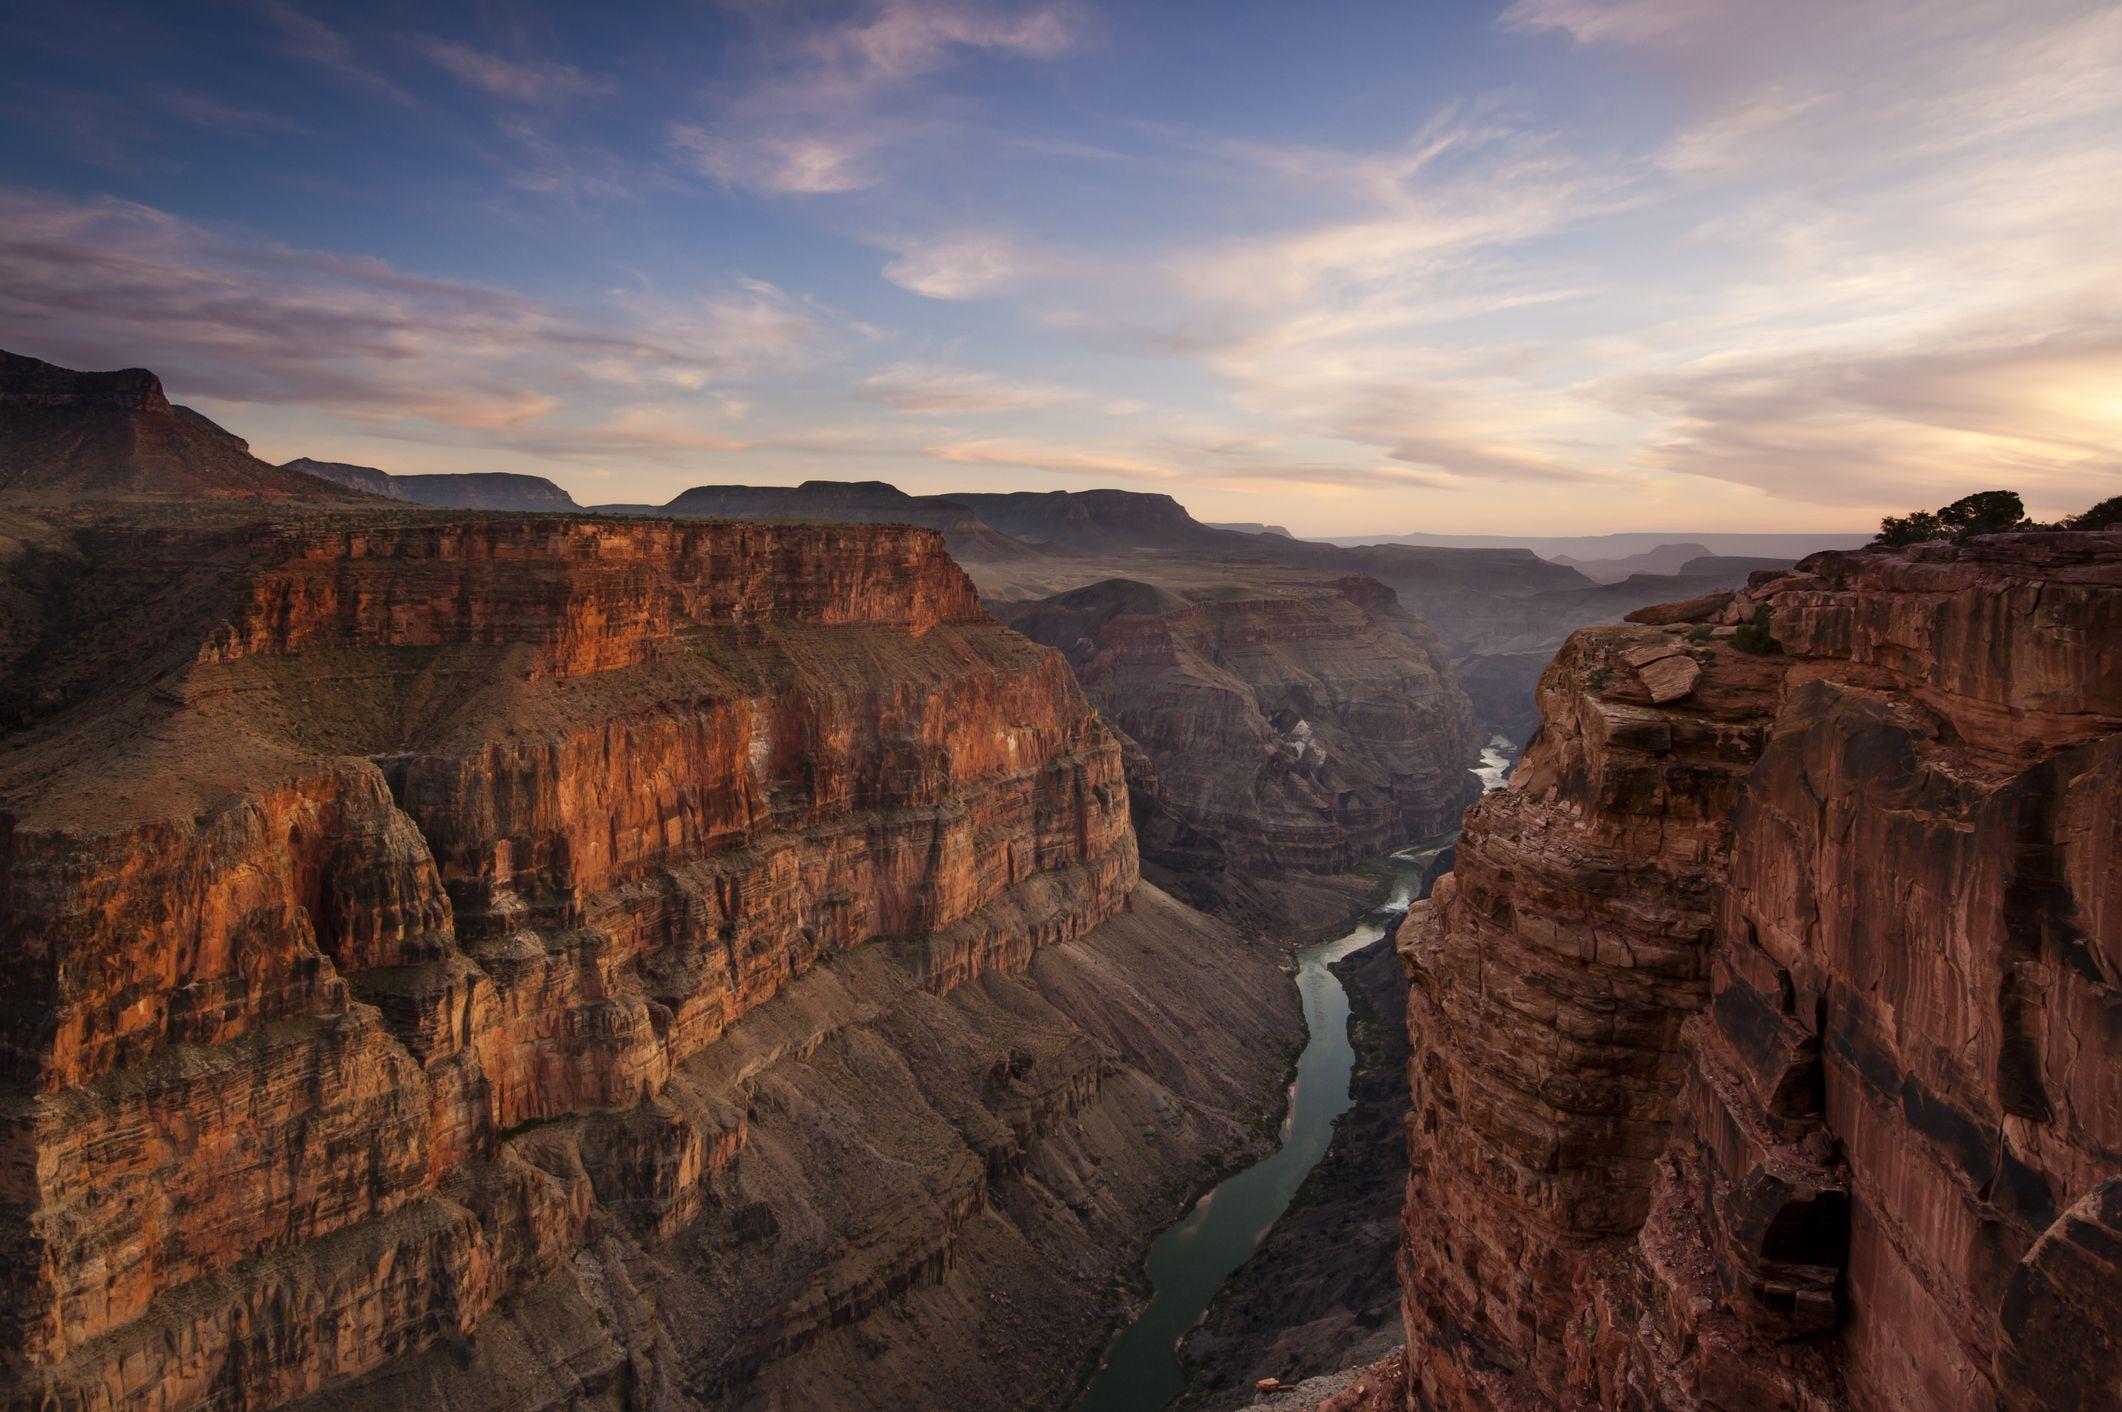 Canyon and river at sunset.  Toroweap Overlook, Grand Canyon, Arizona.